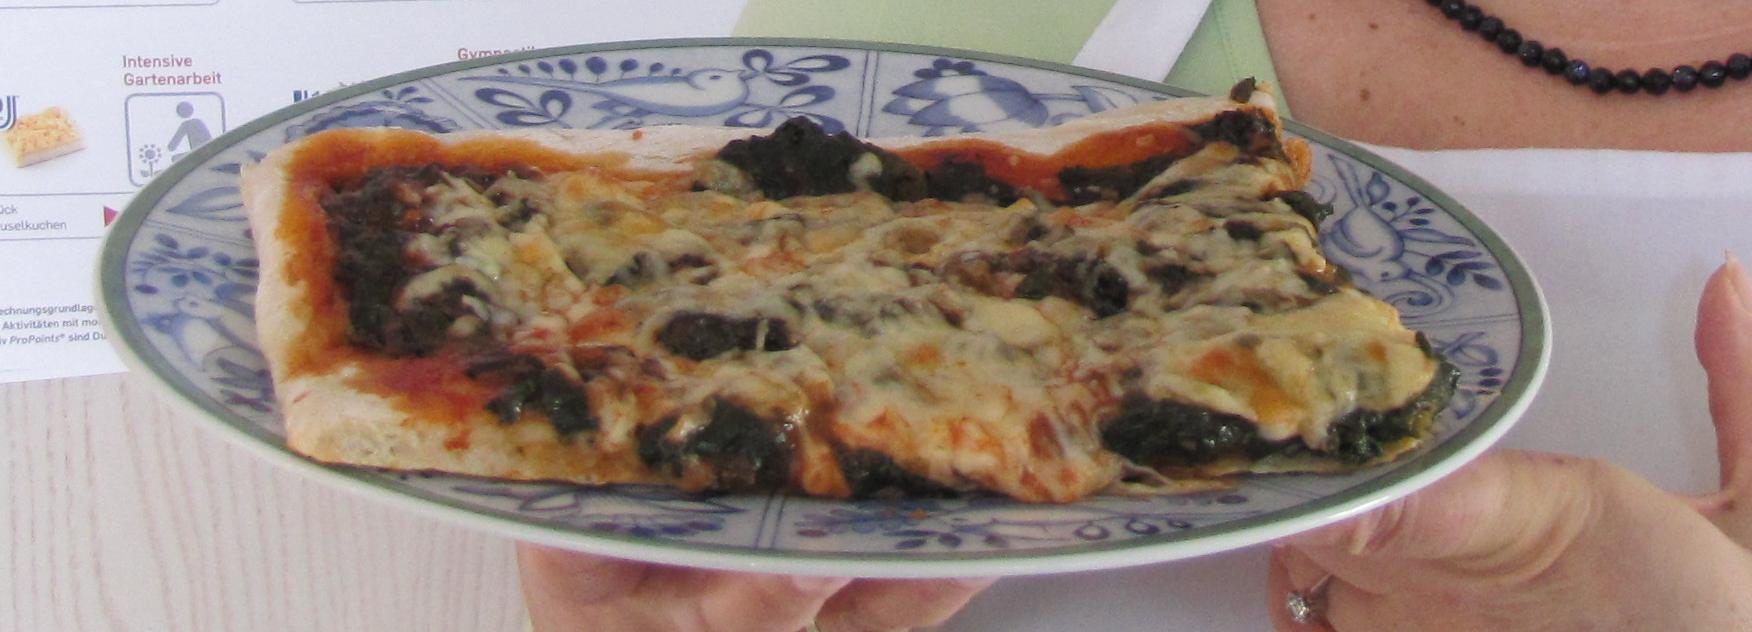 Vegi-Pizza